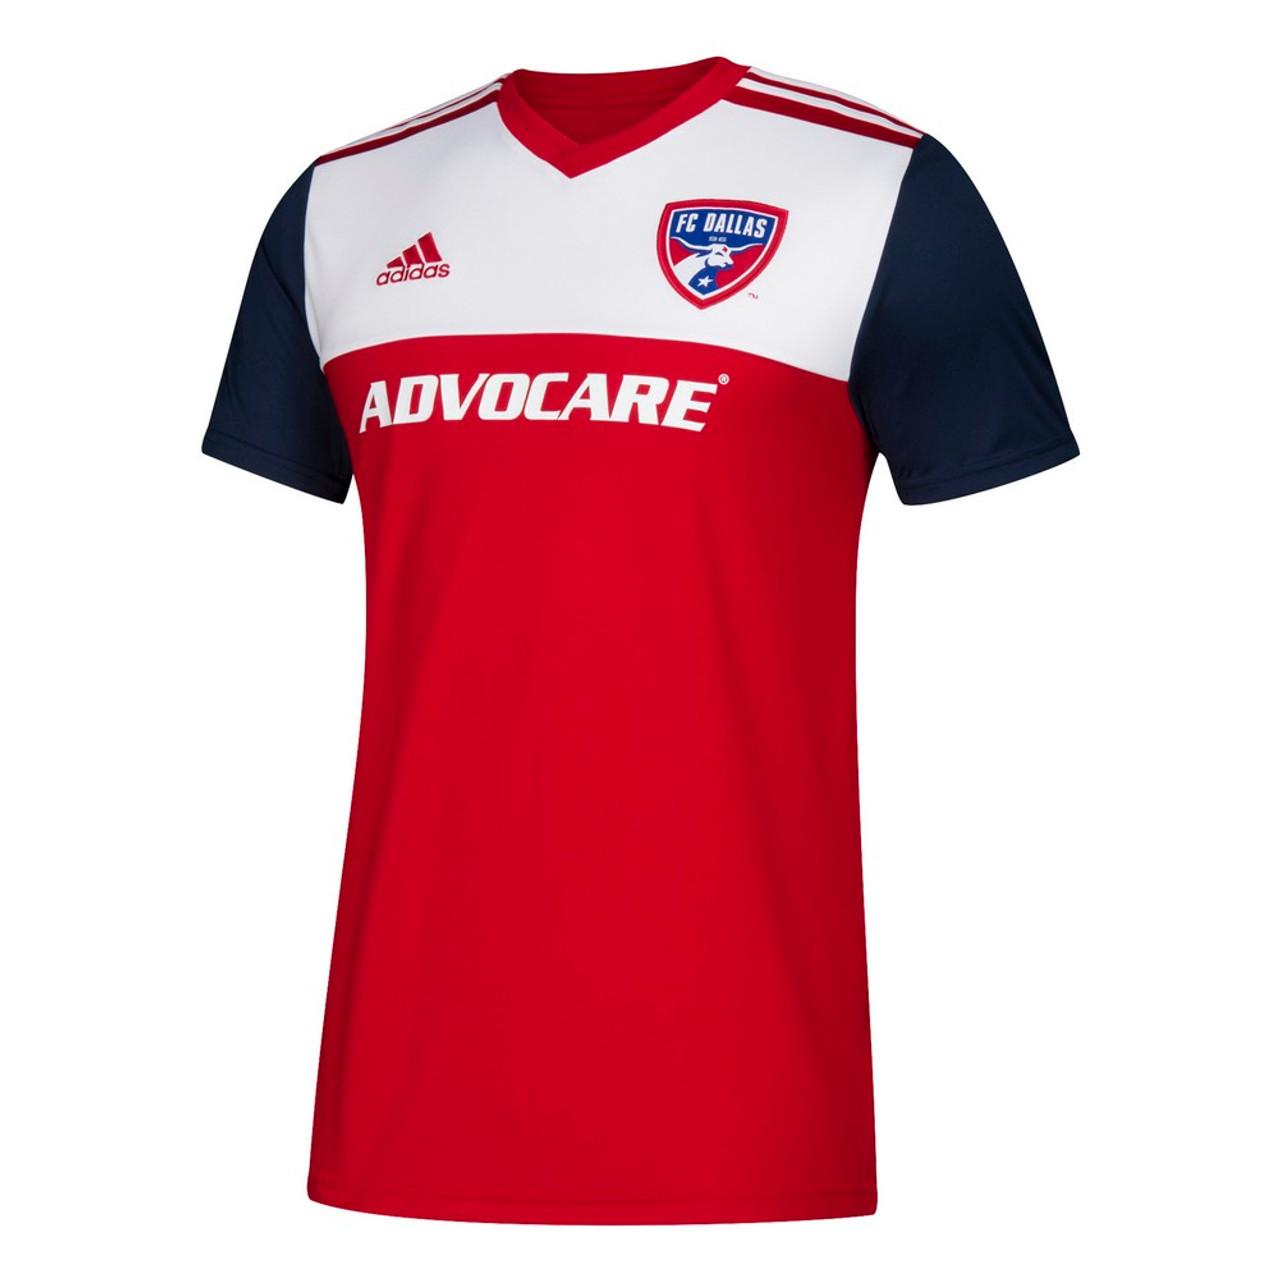 ba36c5227 FC Dallas Jersey Replica Home Adidas Soccer Jersey